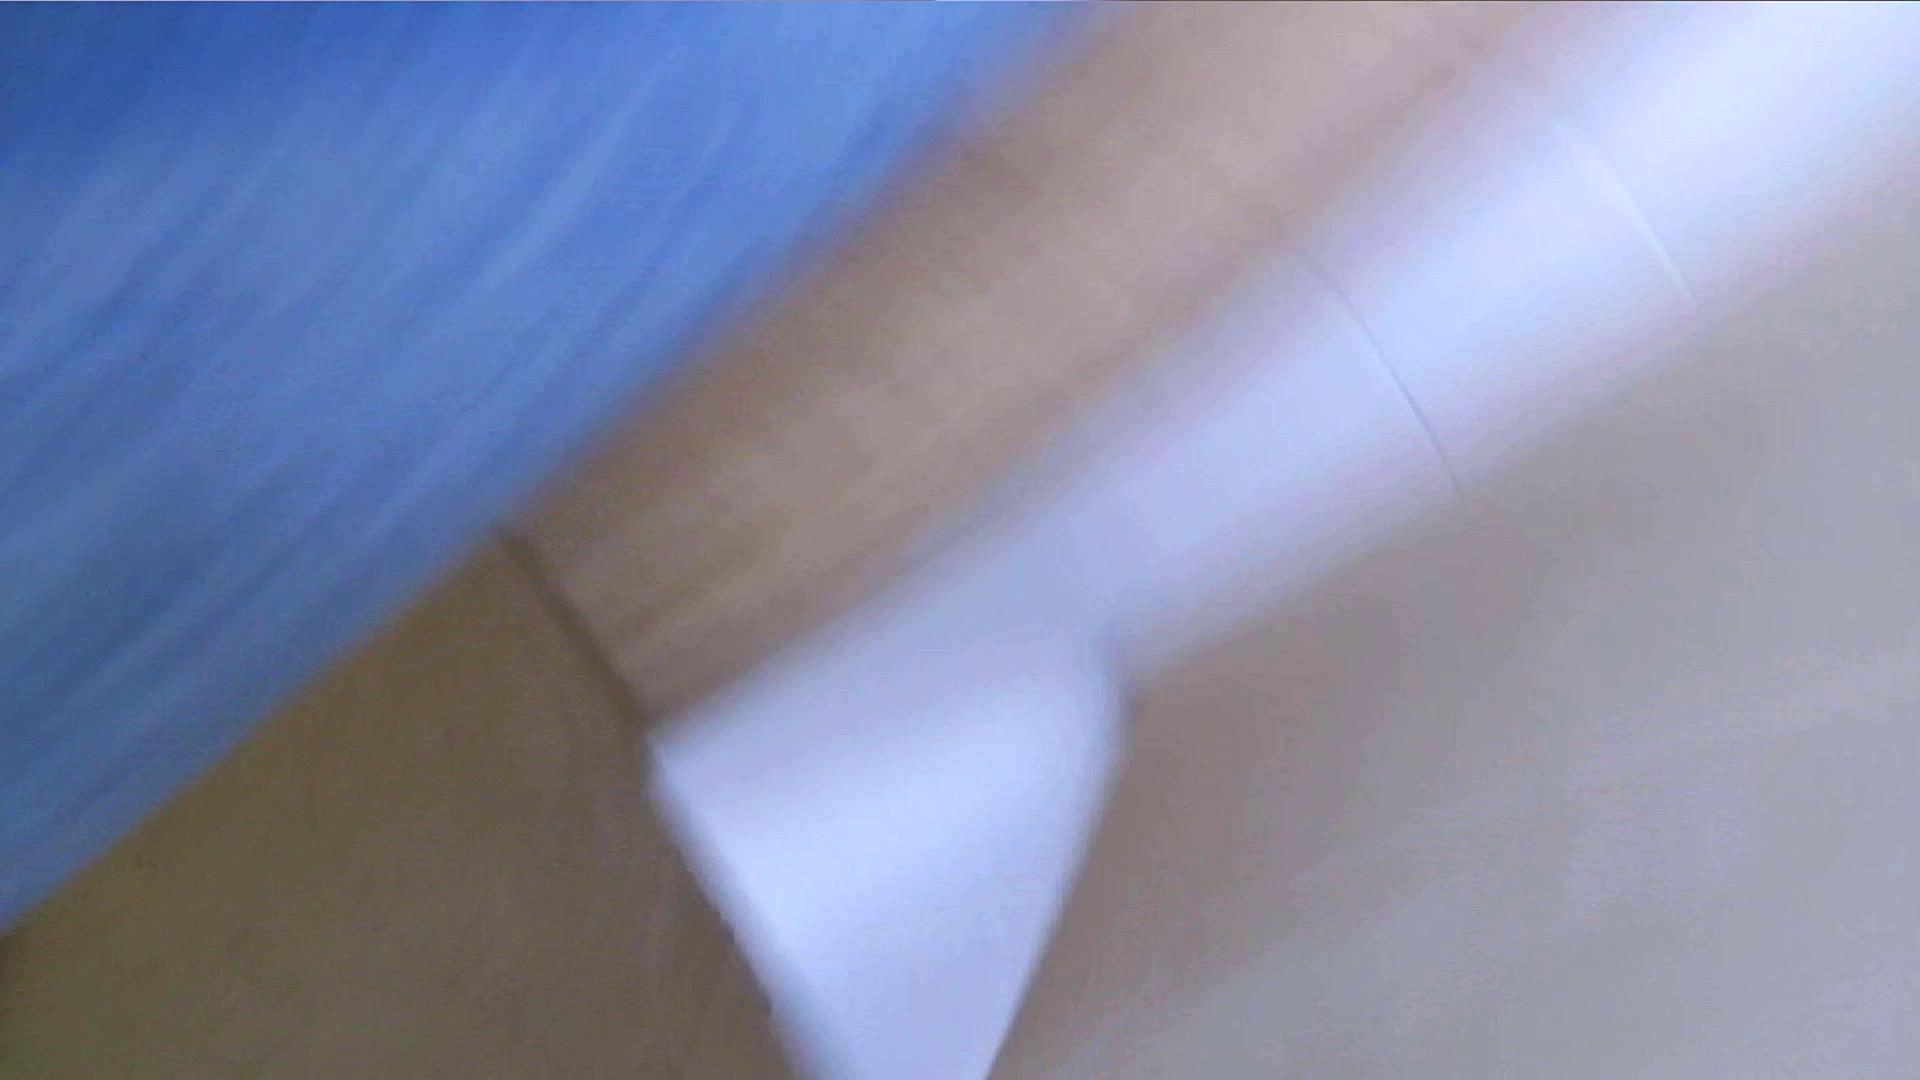 阿国ちゃんの「和式洋式七変化」No.3 お姉さんのSEX  106枚 84